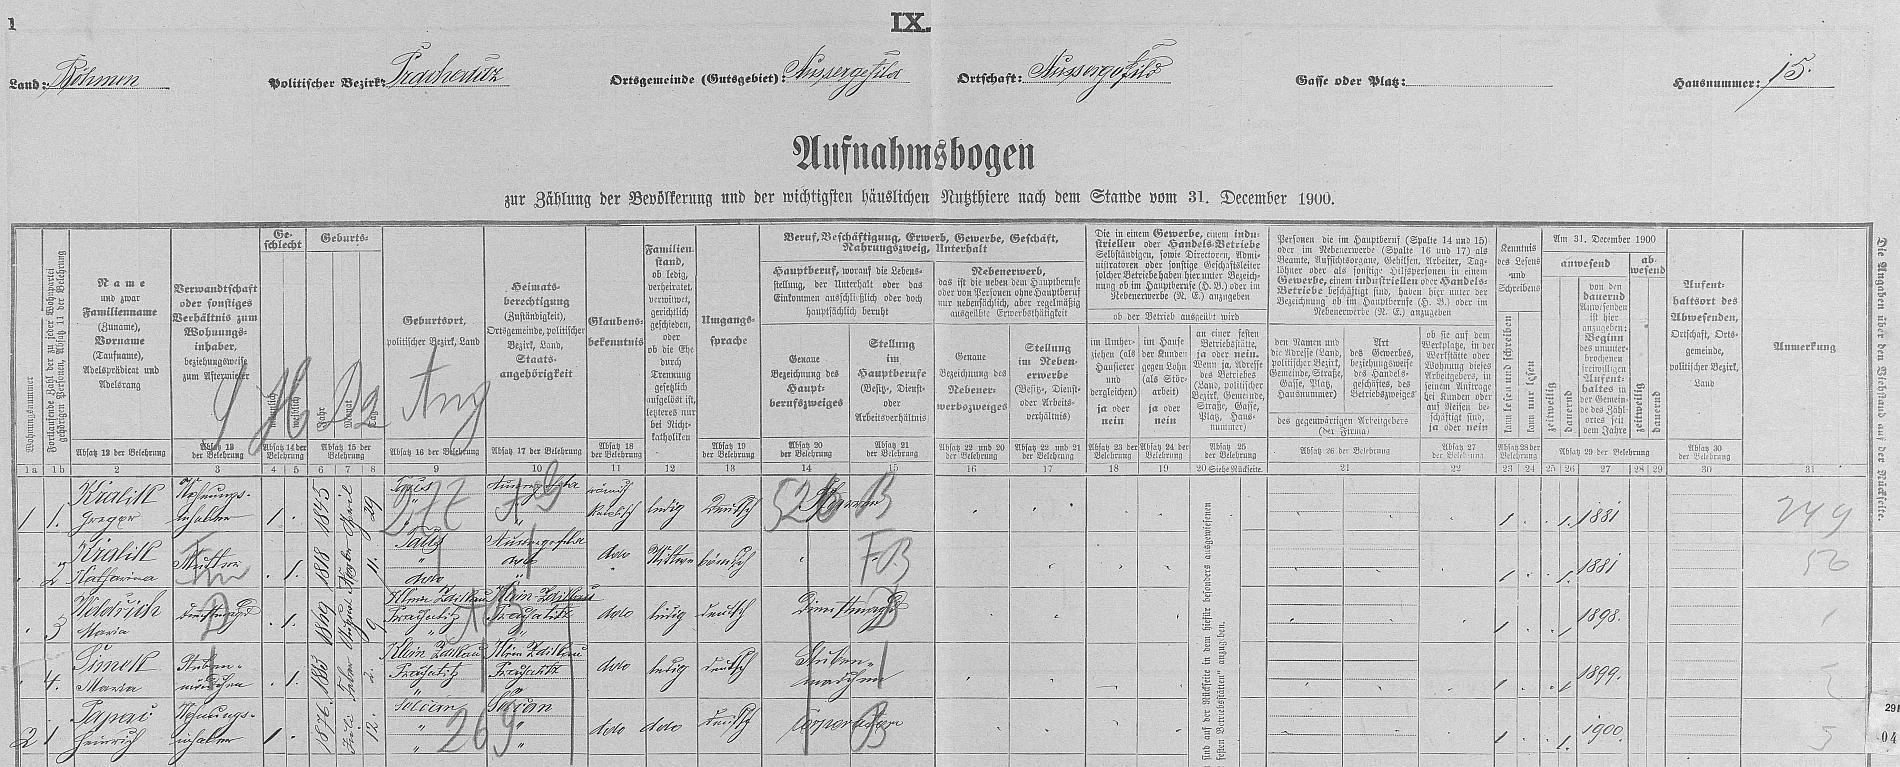 Arch sčítání lidu z roku 1910 pro dům čp. 10 v Kvildě